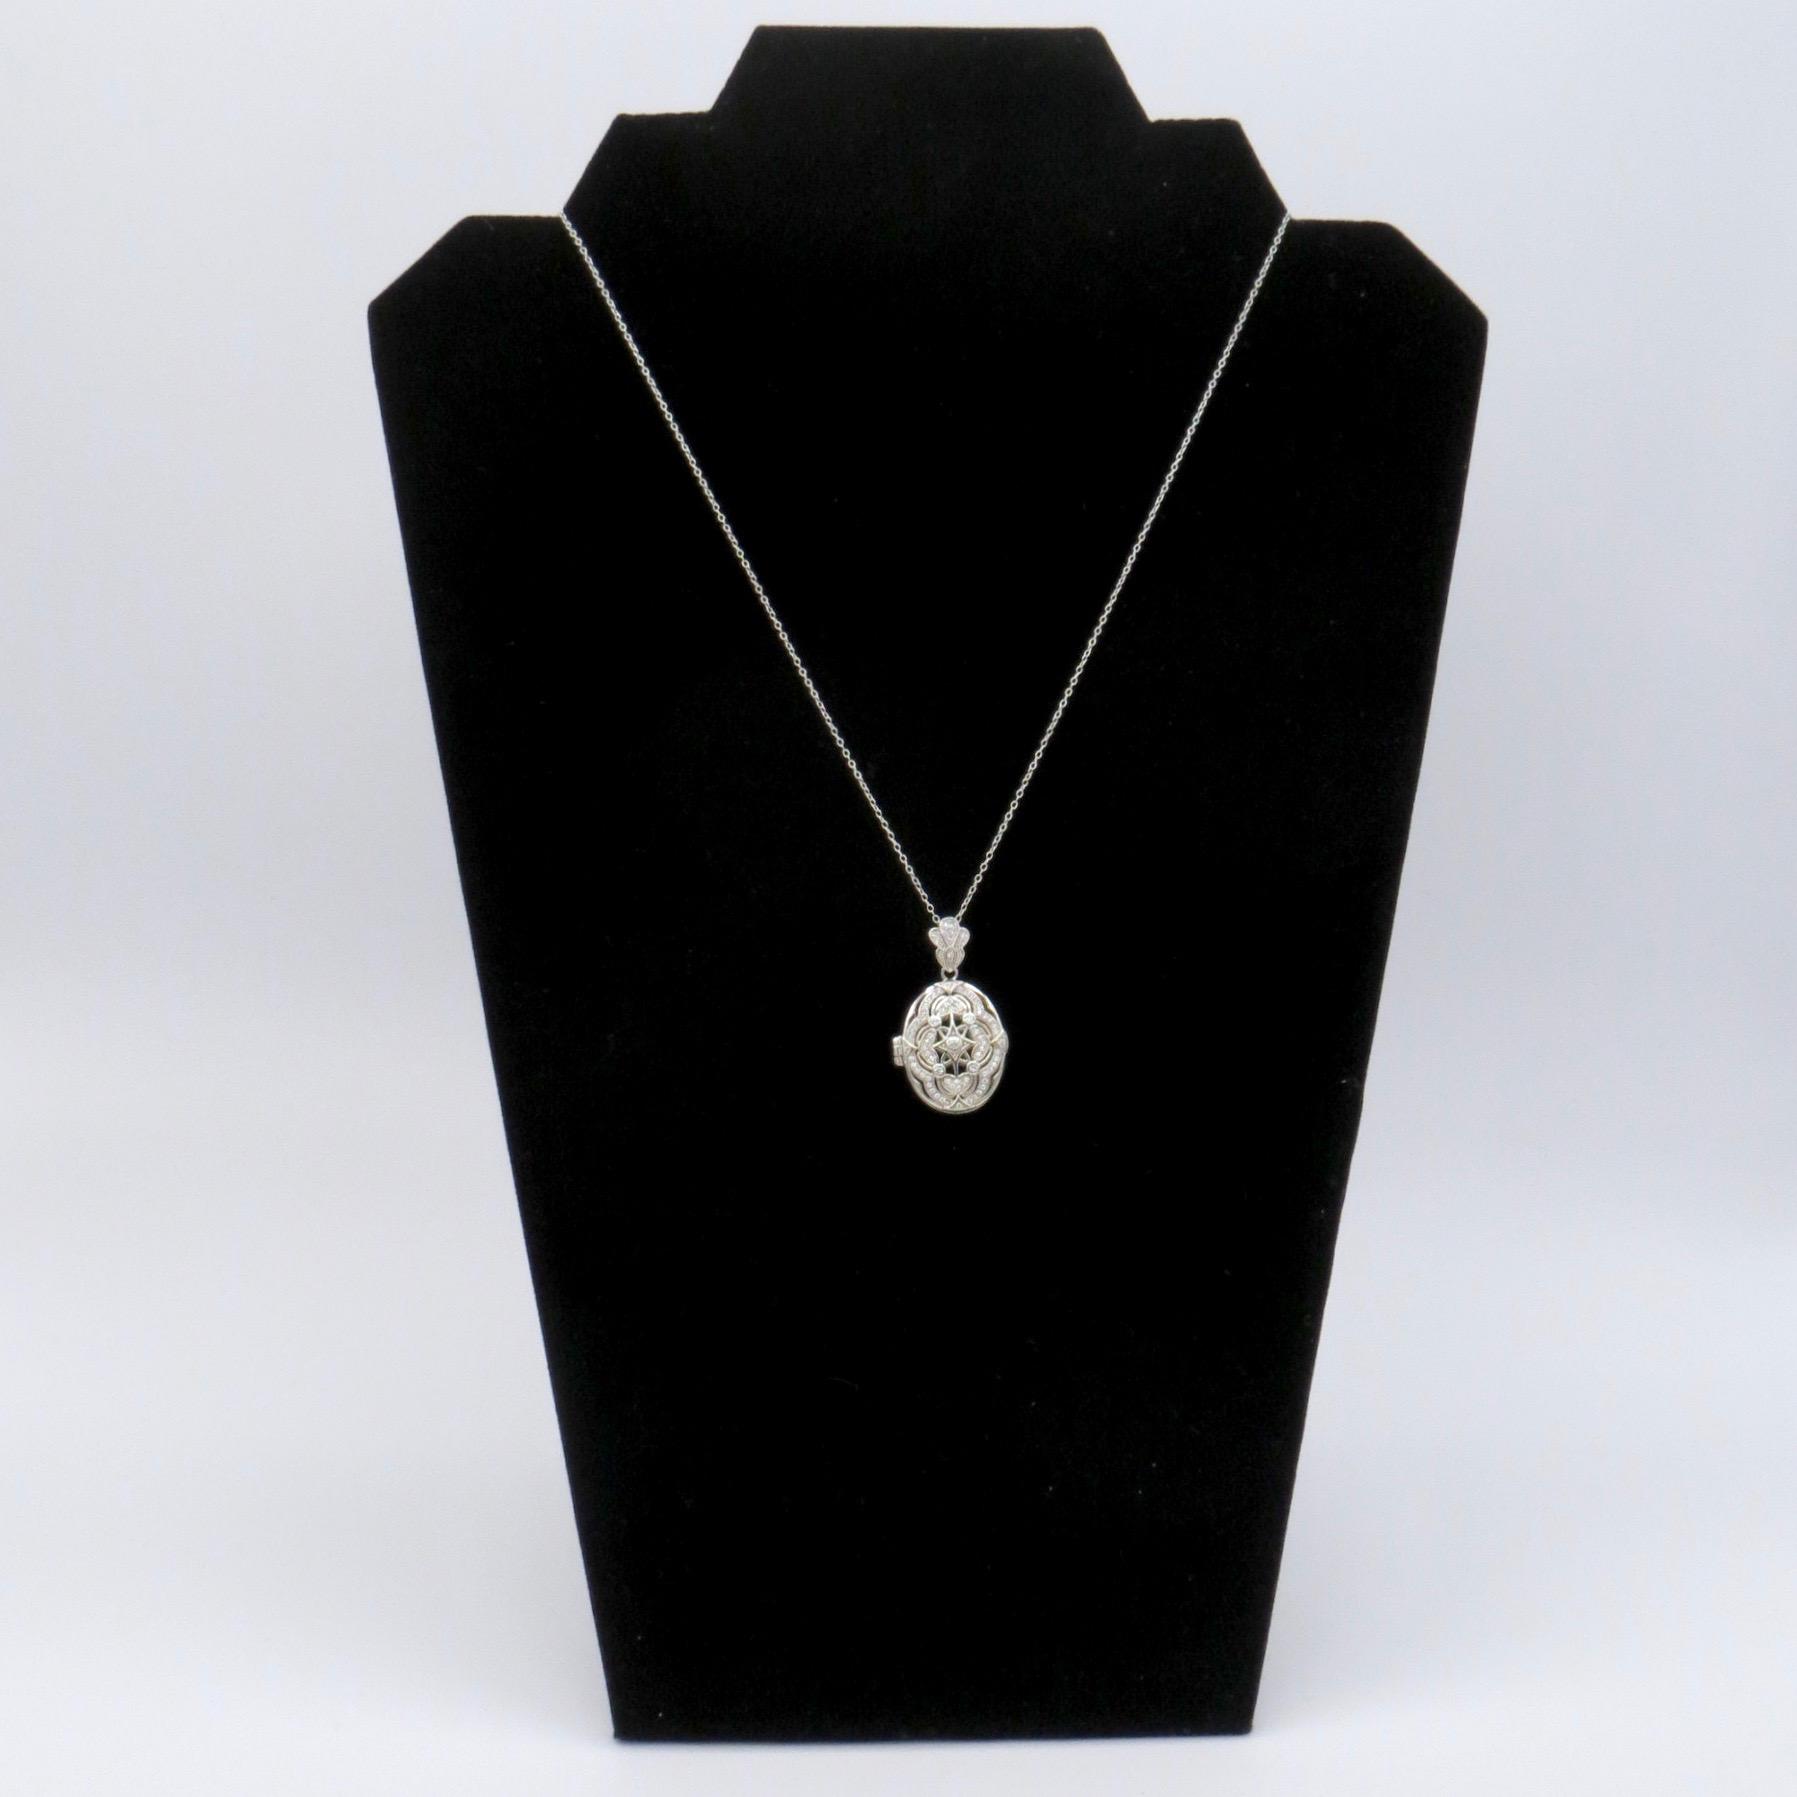 Silver & Crystal Filigree Locket